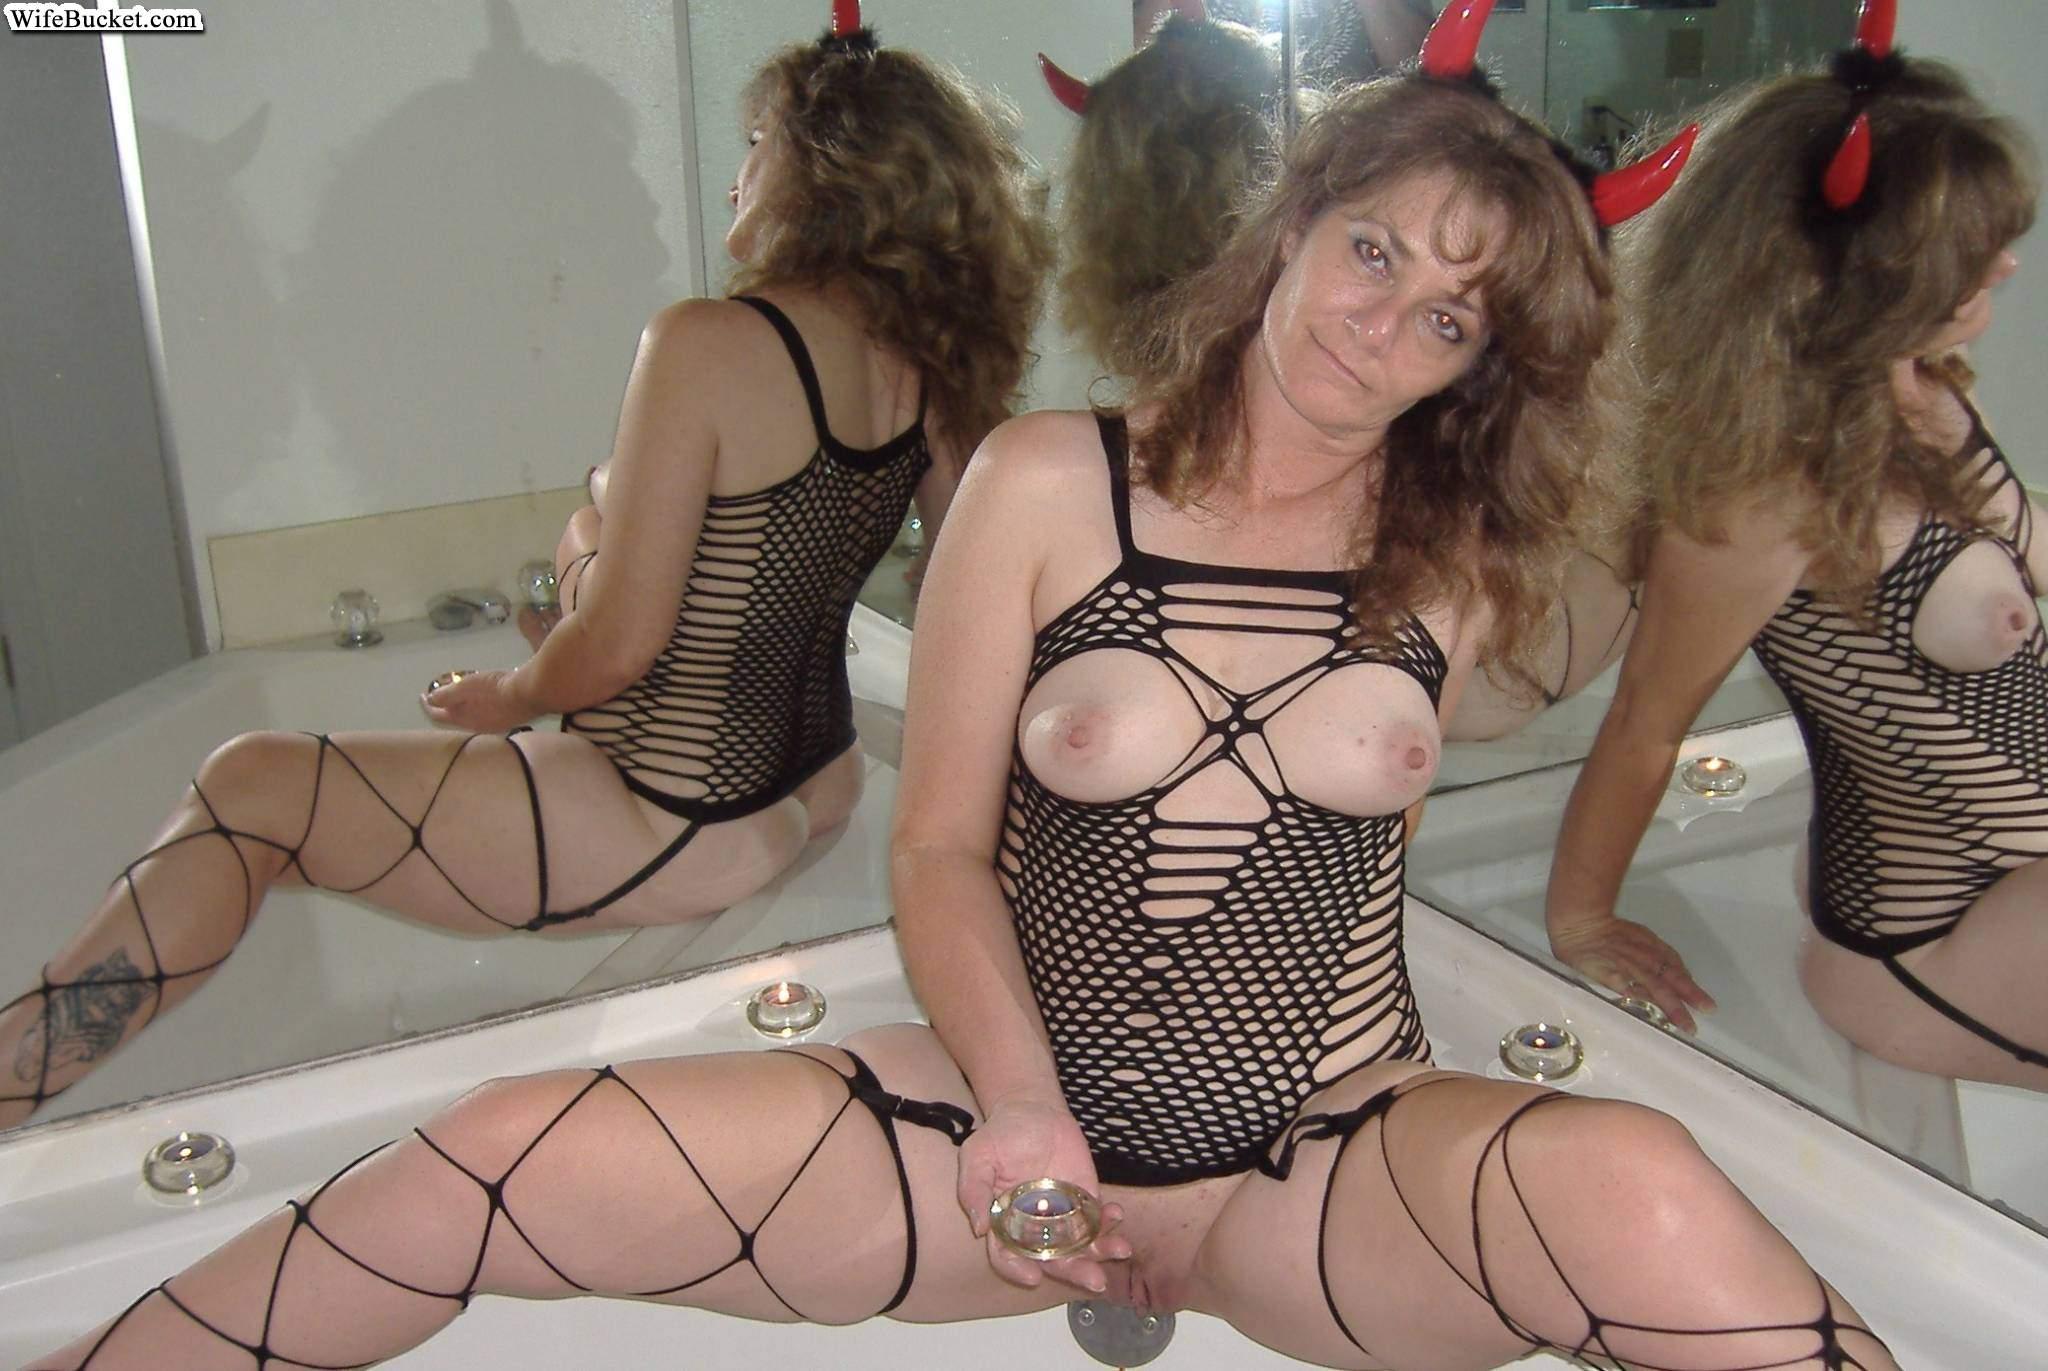 Съемка аматорского секса 4 фотография